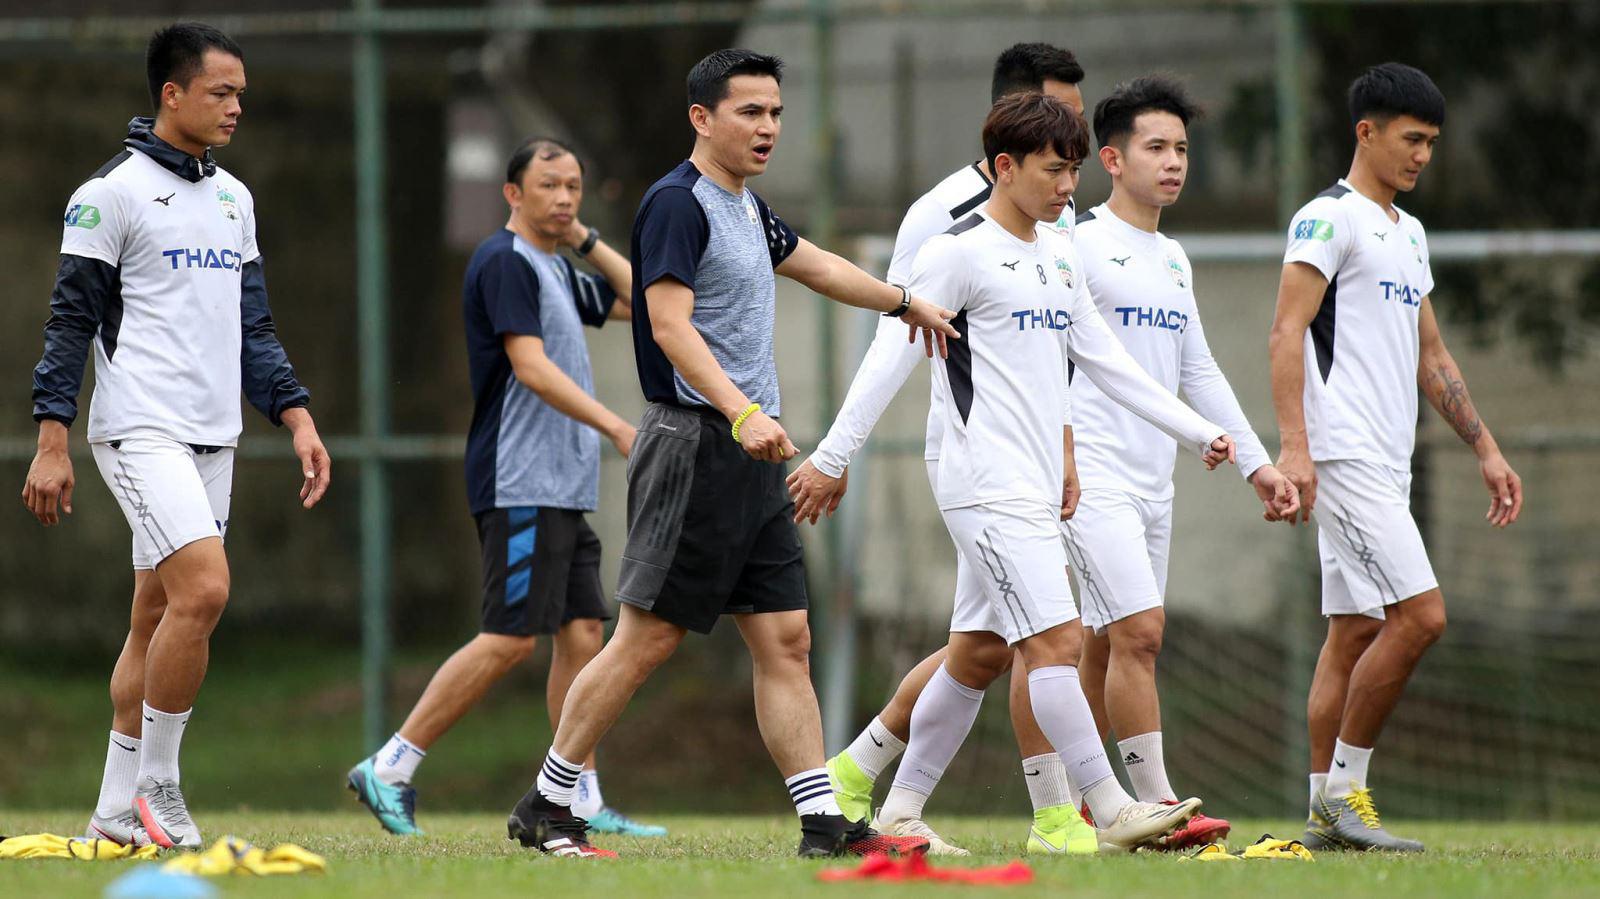 Trận đấu của HAGL và T.Bình Định ở vòng 3  V.League 2021 đã bị hoãn do ảnh hưởng của Covid-19.